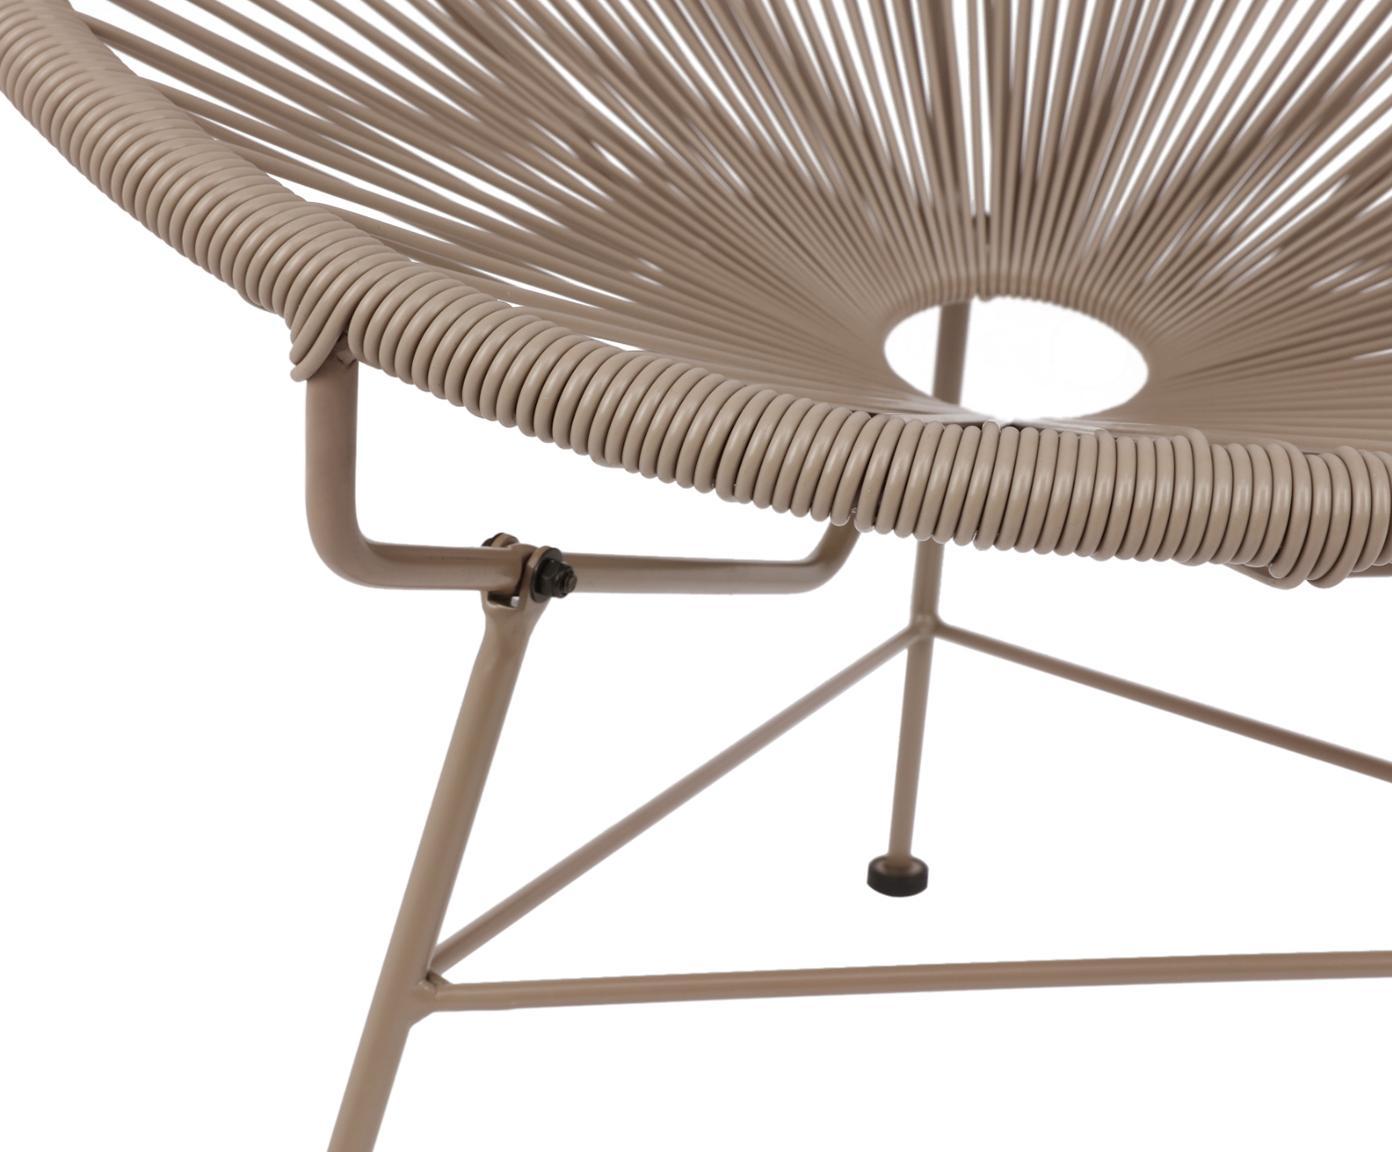 Fotel wypoczynkowy Bahia, Stelaż: metal malowany proszkowo, Tworzywo sztuczne: taupe Stelaż: taupe, S 81 x G 73 cm